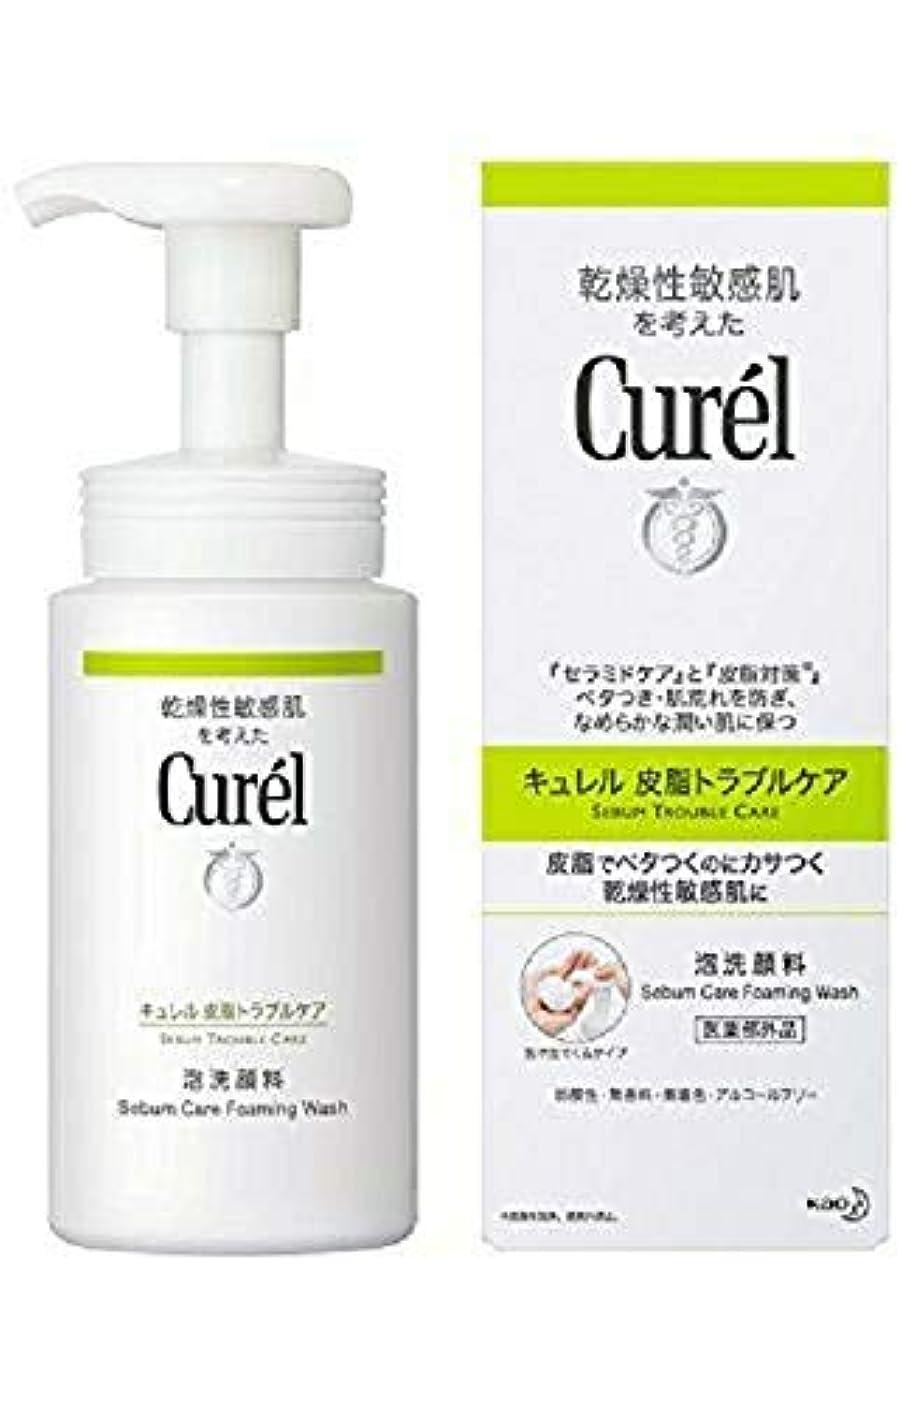 雄弁なソファー最小Curél キュレル皮脂皮脂トラブルケア泡風呂ゲル150ミリリットル-skinケア洗浄後にタイトではない、快適、クールマットになります。